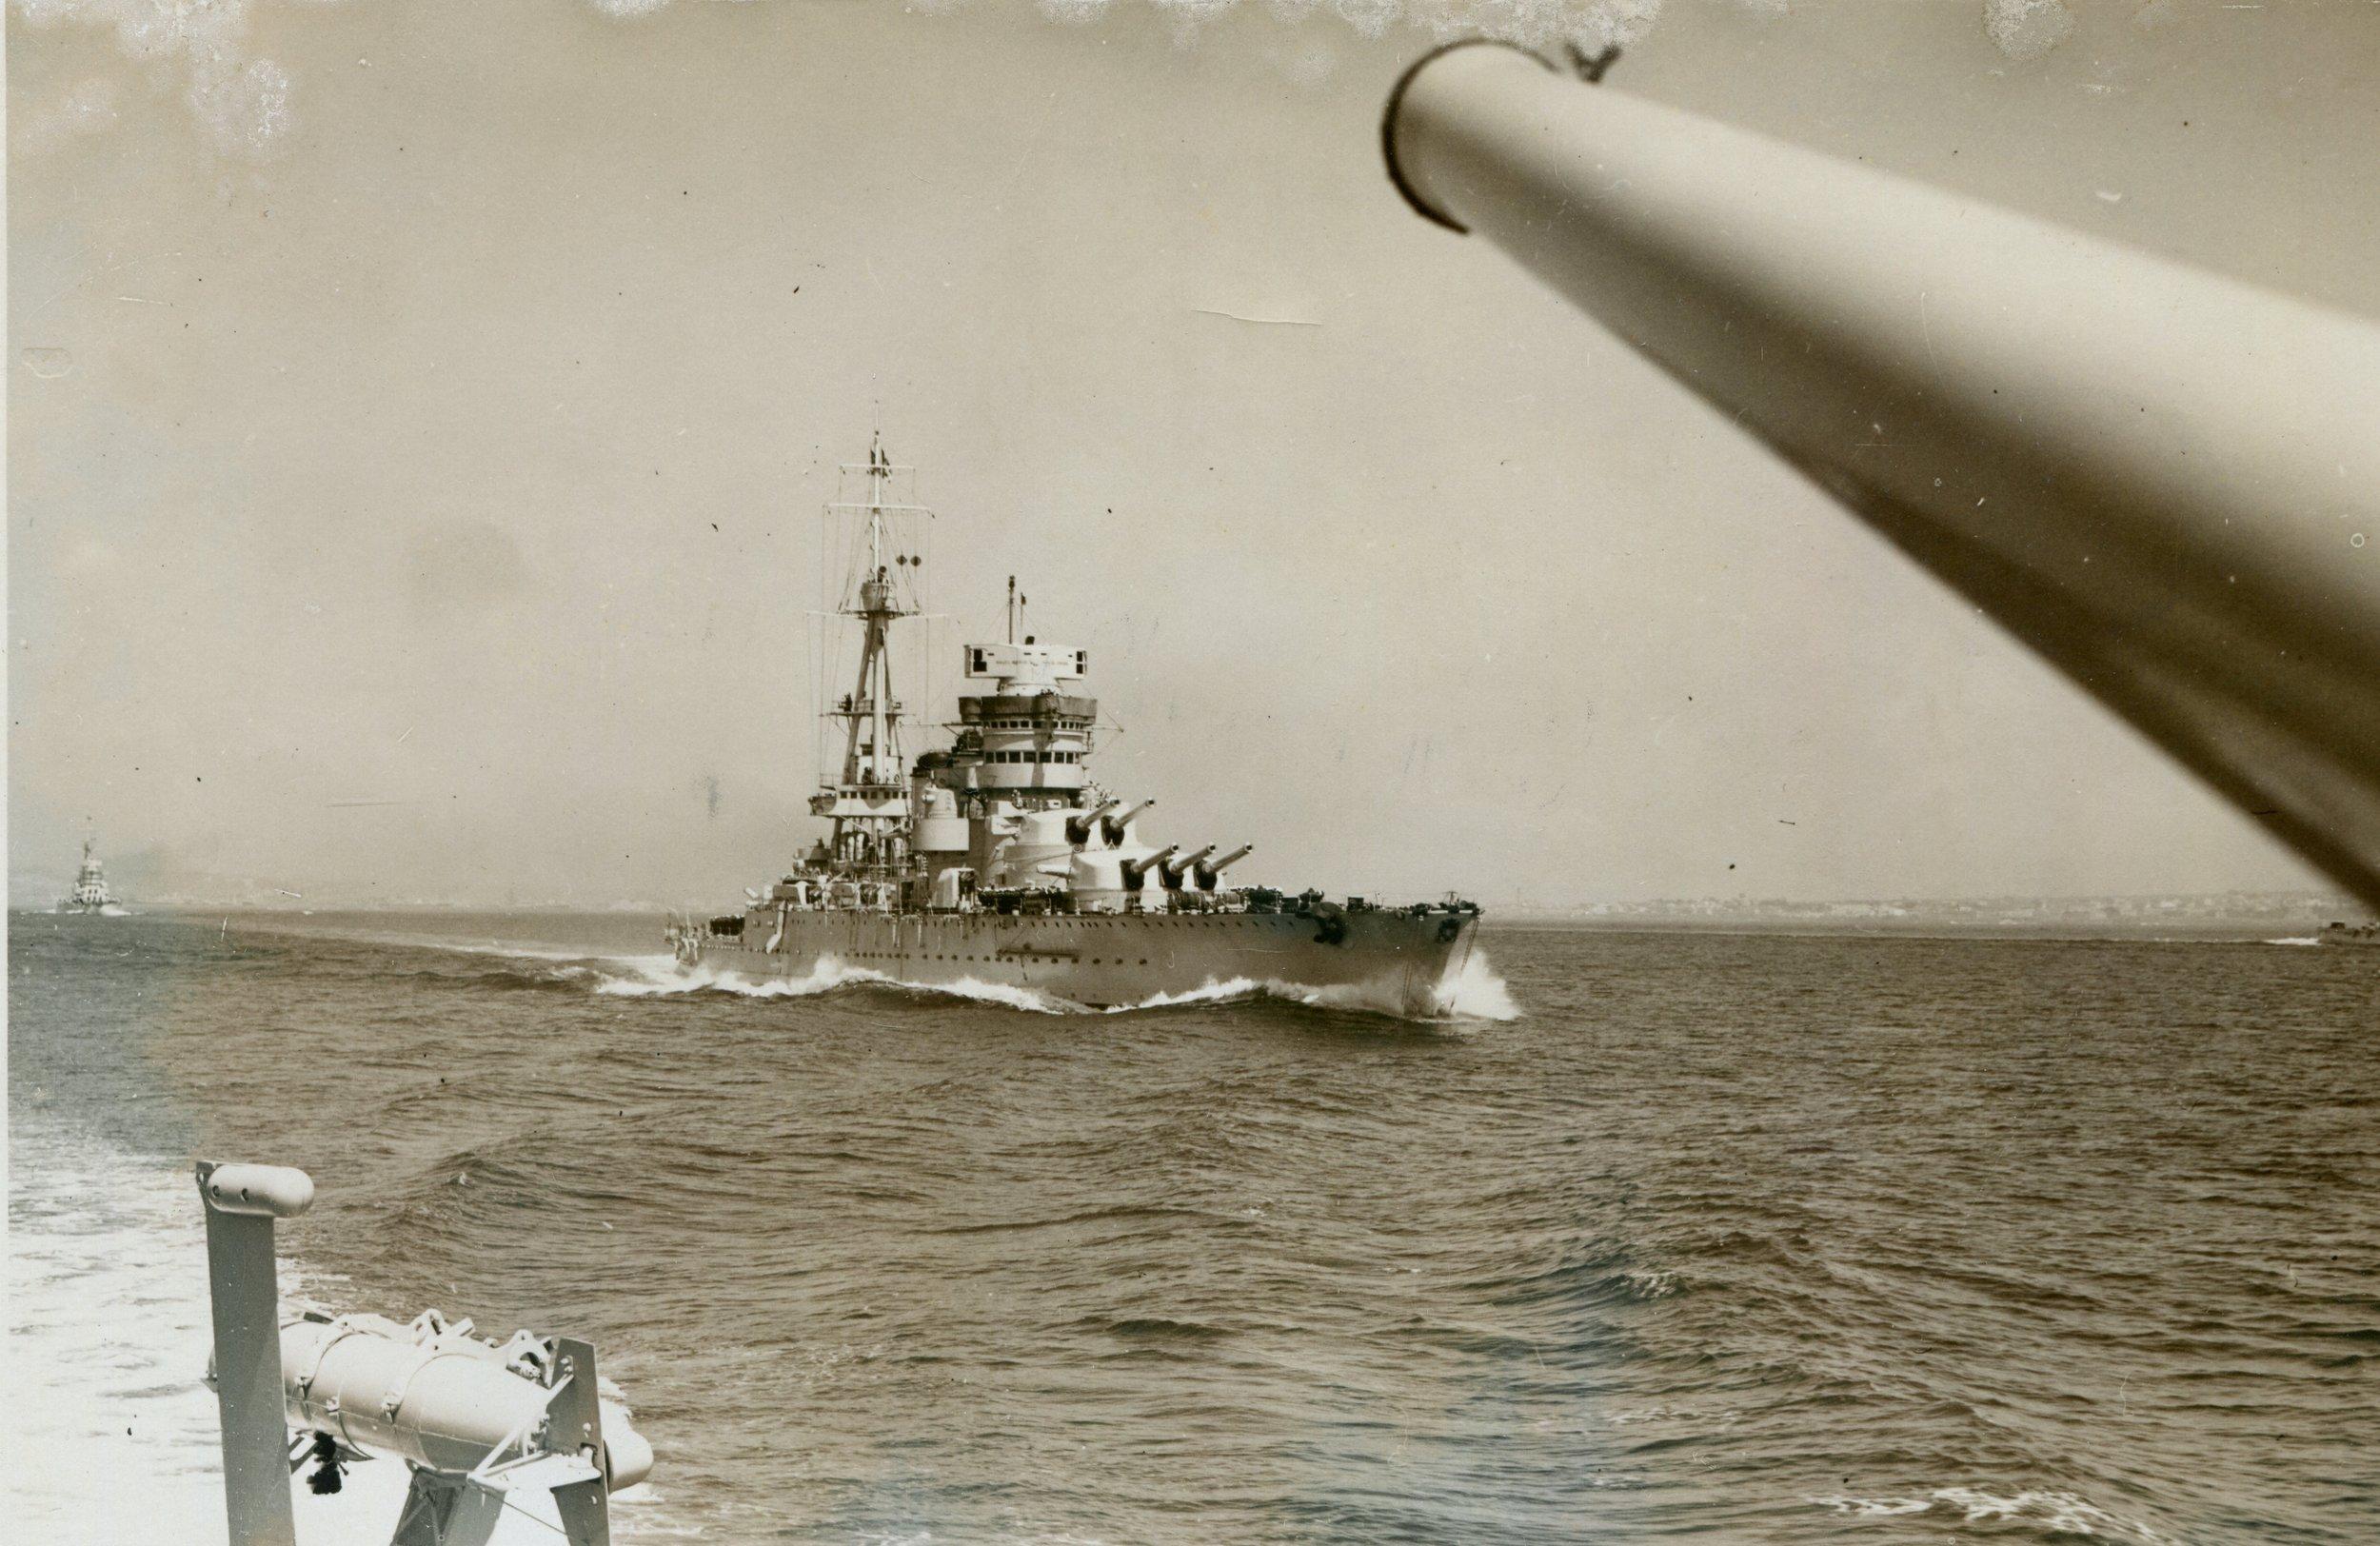 conte di cavour rivista navale napoli 5 5 1938  (c).jpg